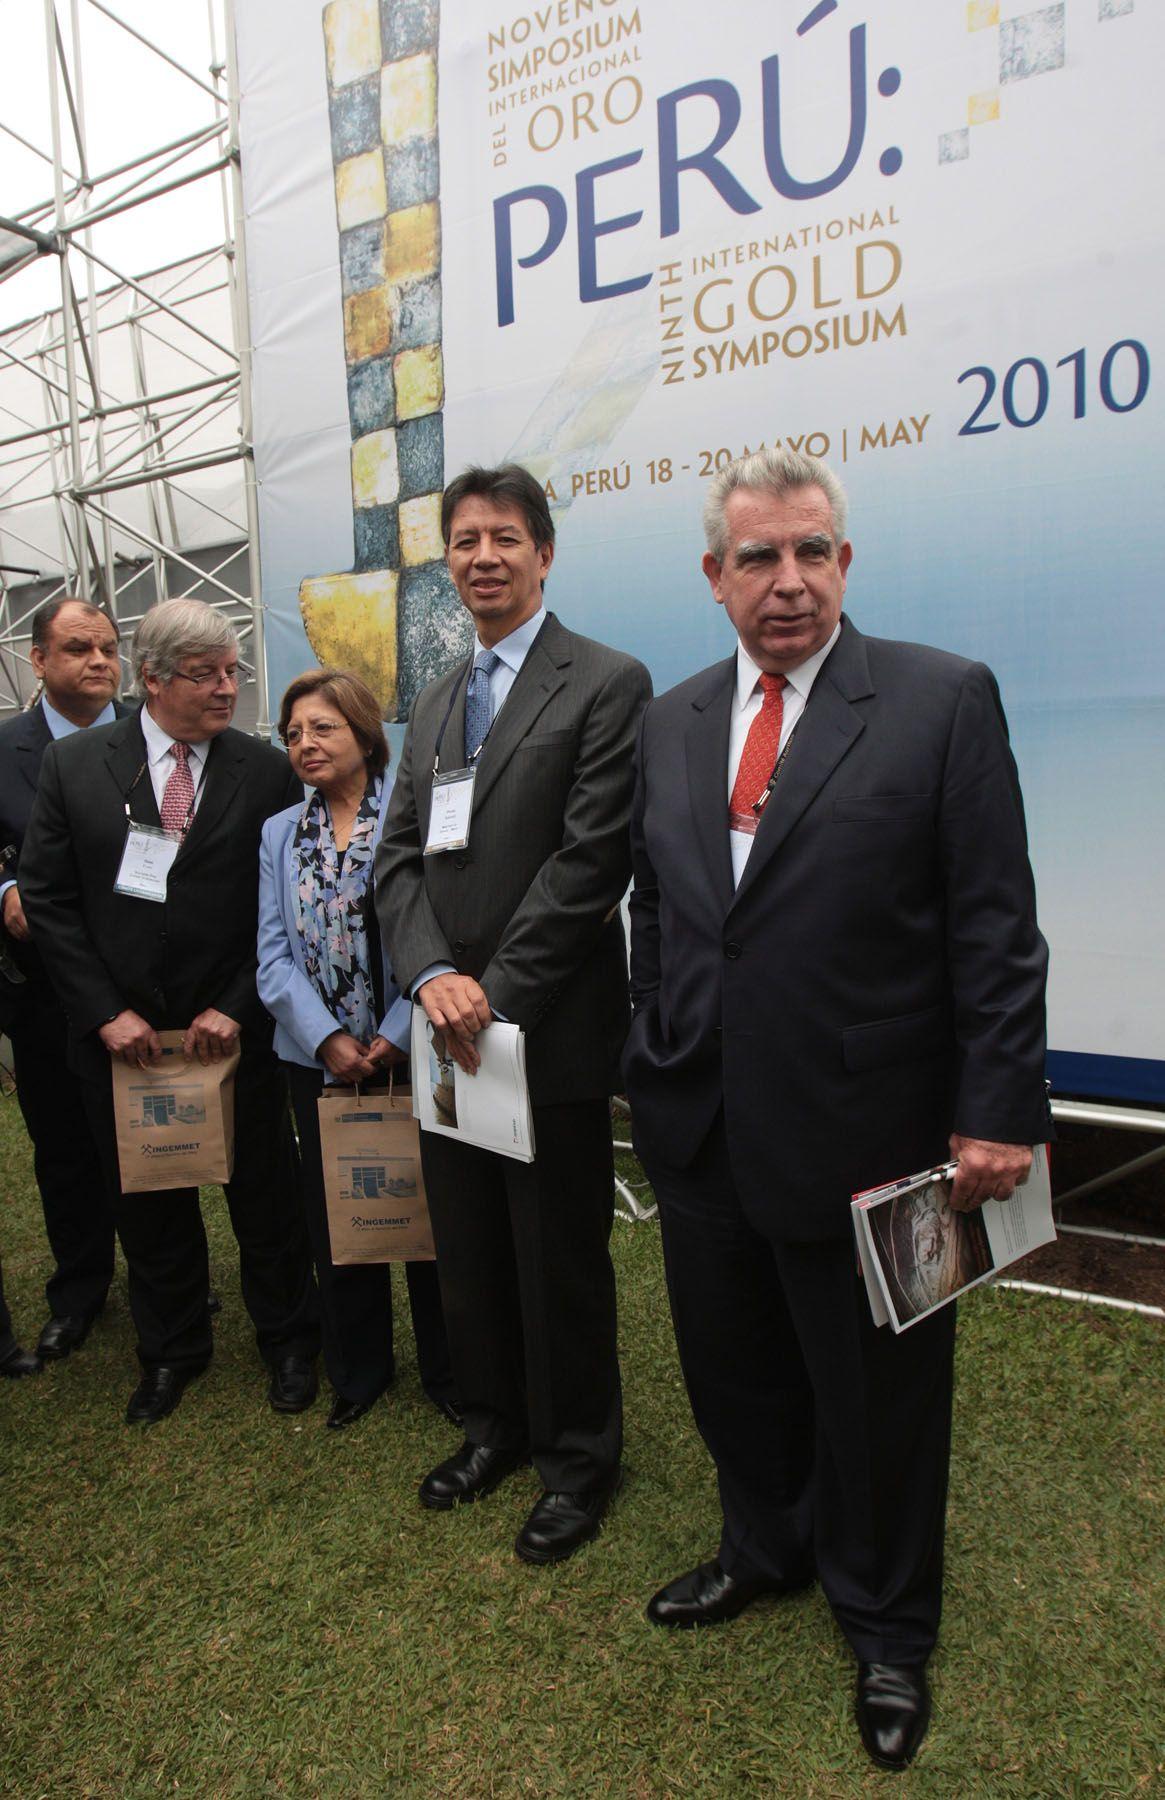 El Ministro de Energìa y Minas, Pedro Sánchez, inauguró esta mañana el Noveno Simposium Internacional del Oro.  Foto: ANDINA/Juan Carlos Guzmán Negrini.